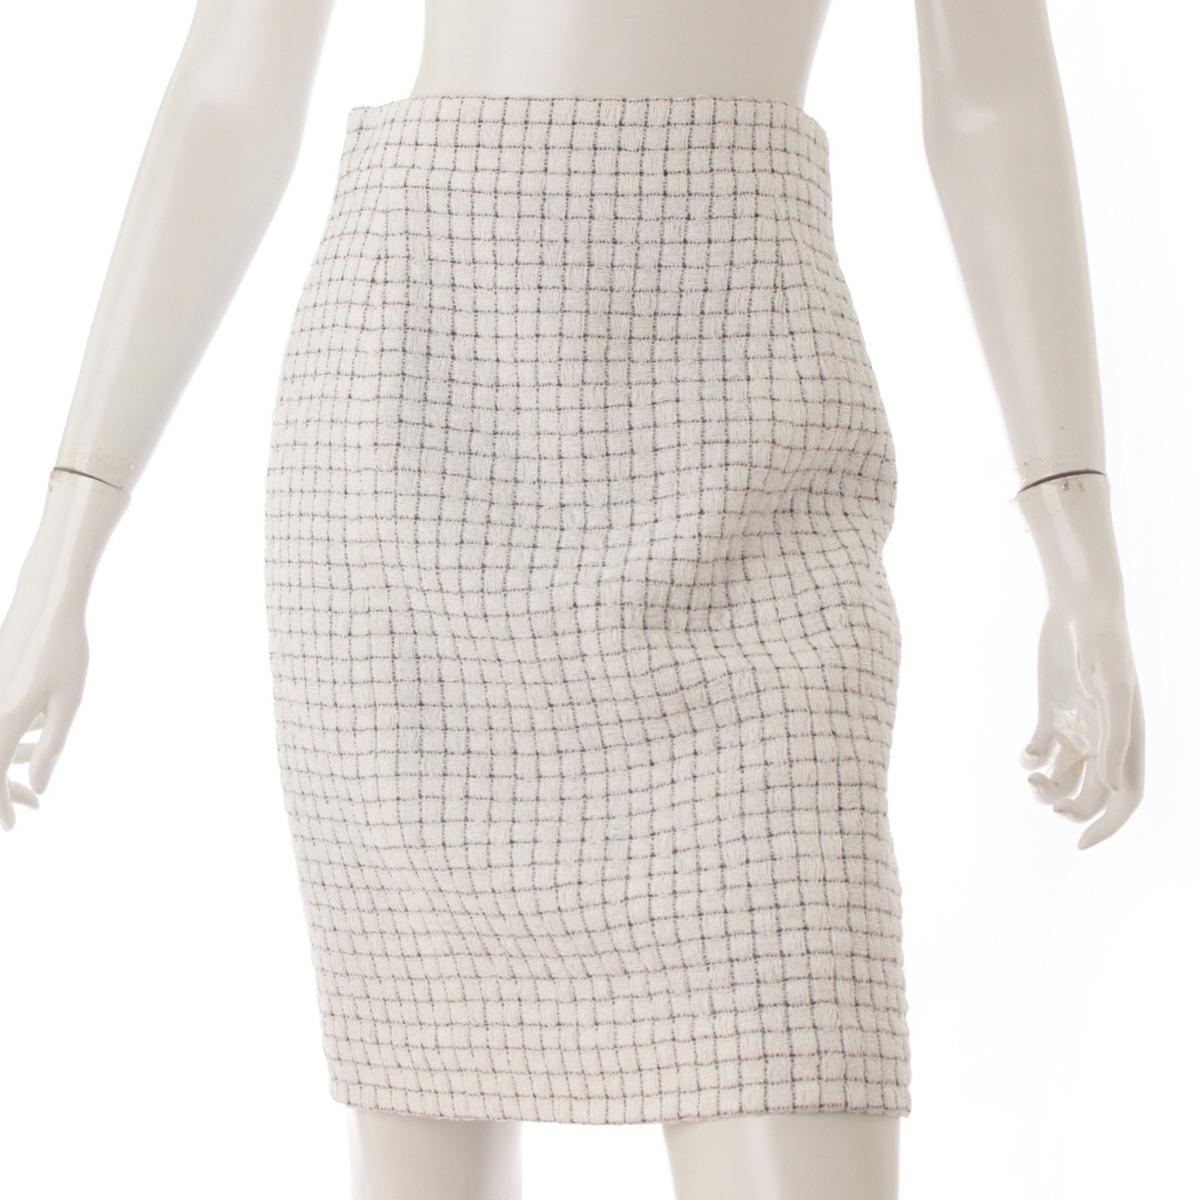 【シャネル】Chanel 16S シルク混 ツイード スカート P53792 ホワイト×ブラック 38 未使用【中古】【鑑定済・正規品保証】53501